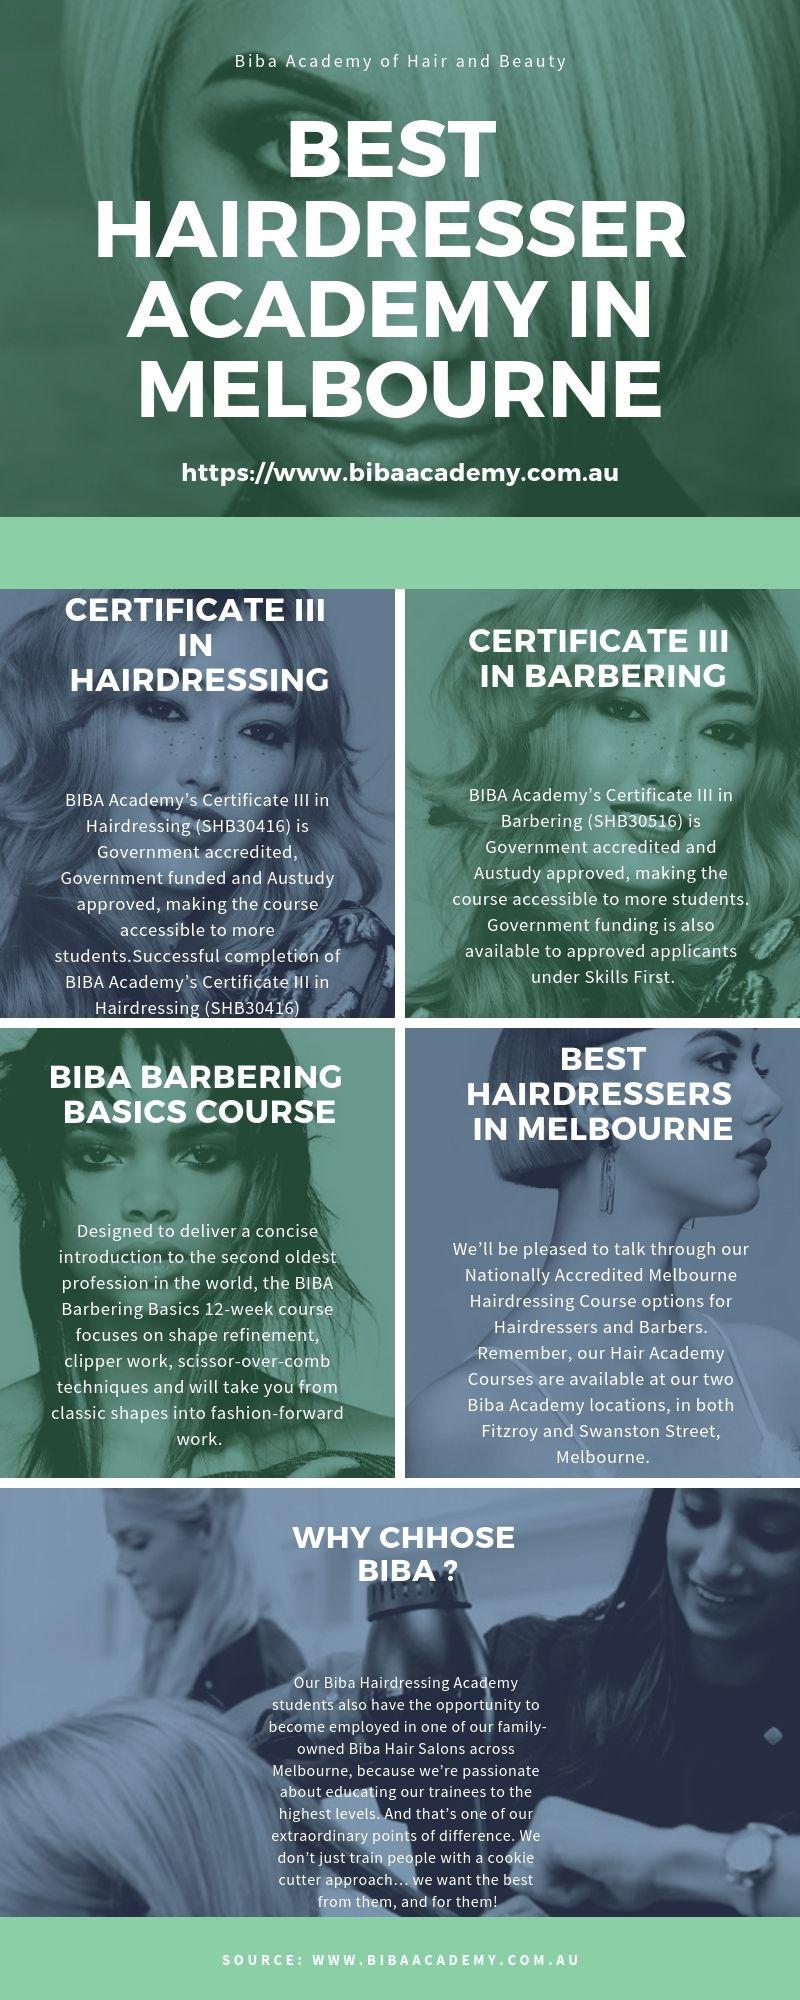 Hairdressing Career In Melbourne Best Hairdressing Courses Hairdressing Courses Hair Academy Hairdresser